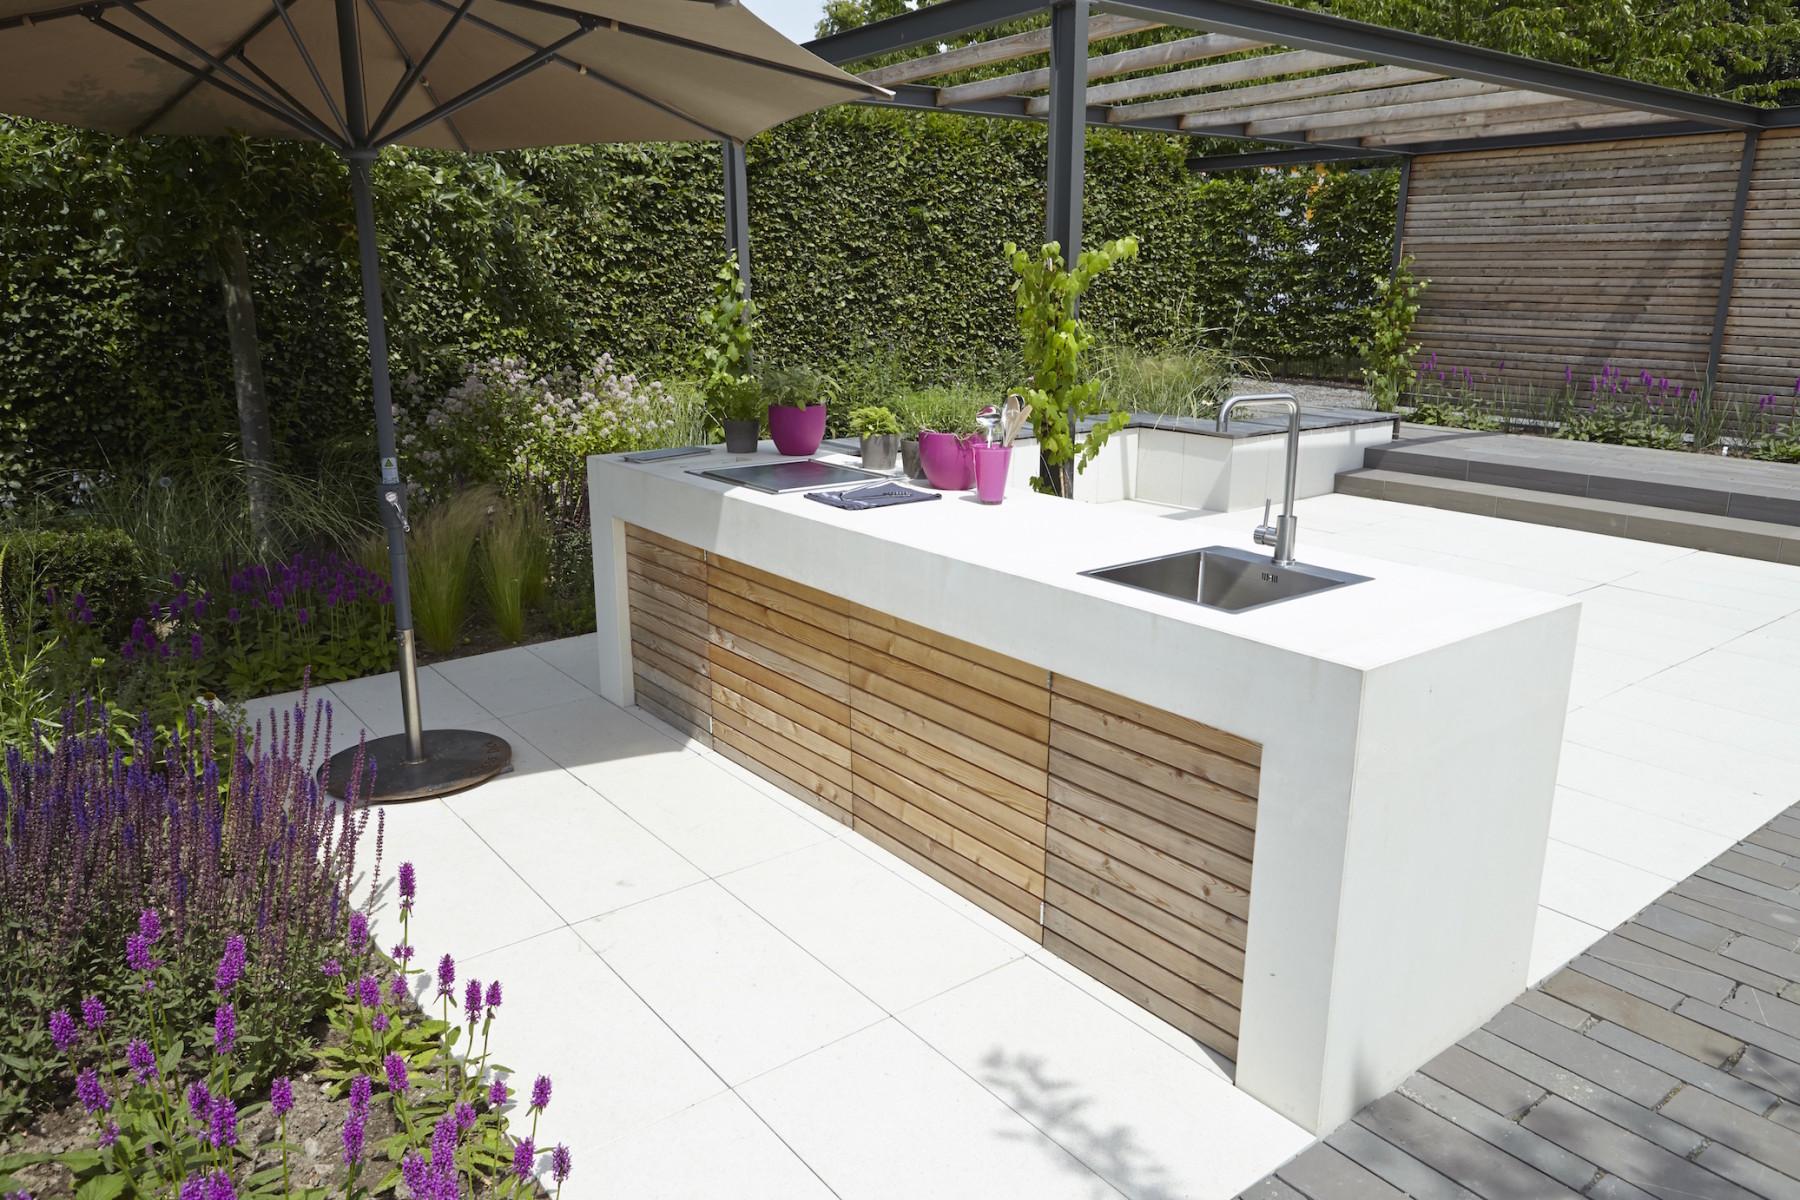 Outdoorküche Garten Rostock : Outdoorküche garten rostock: gartenhaus mit outdoor küche